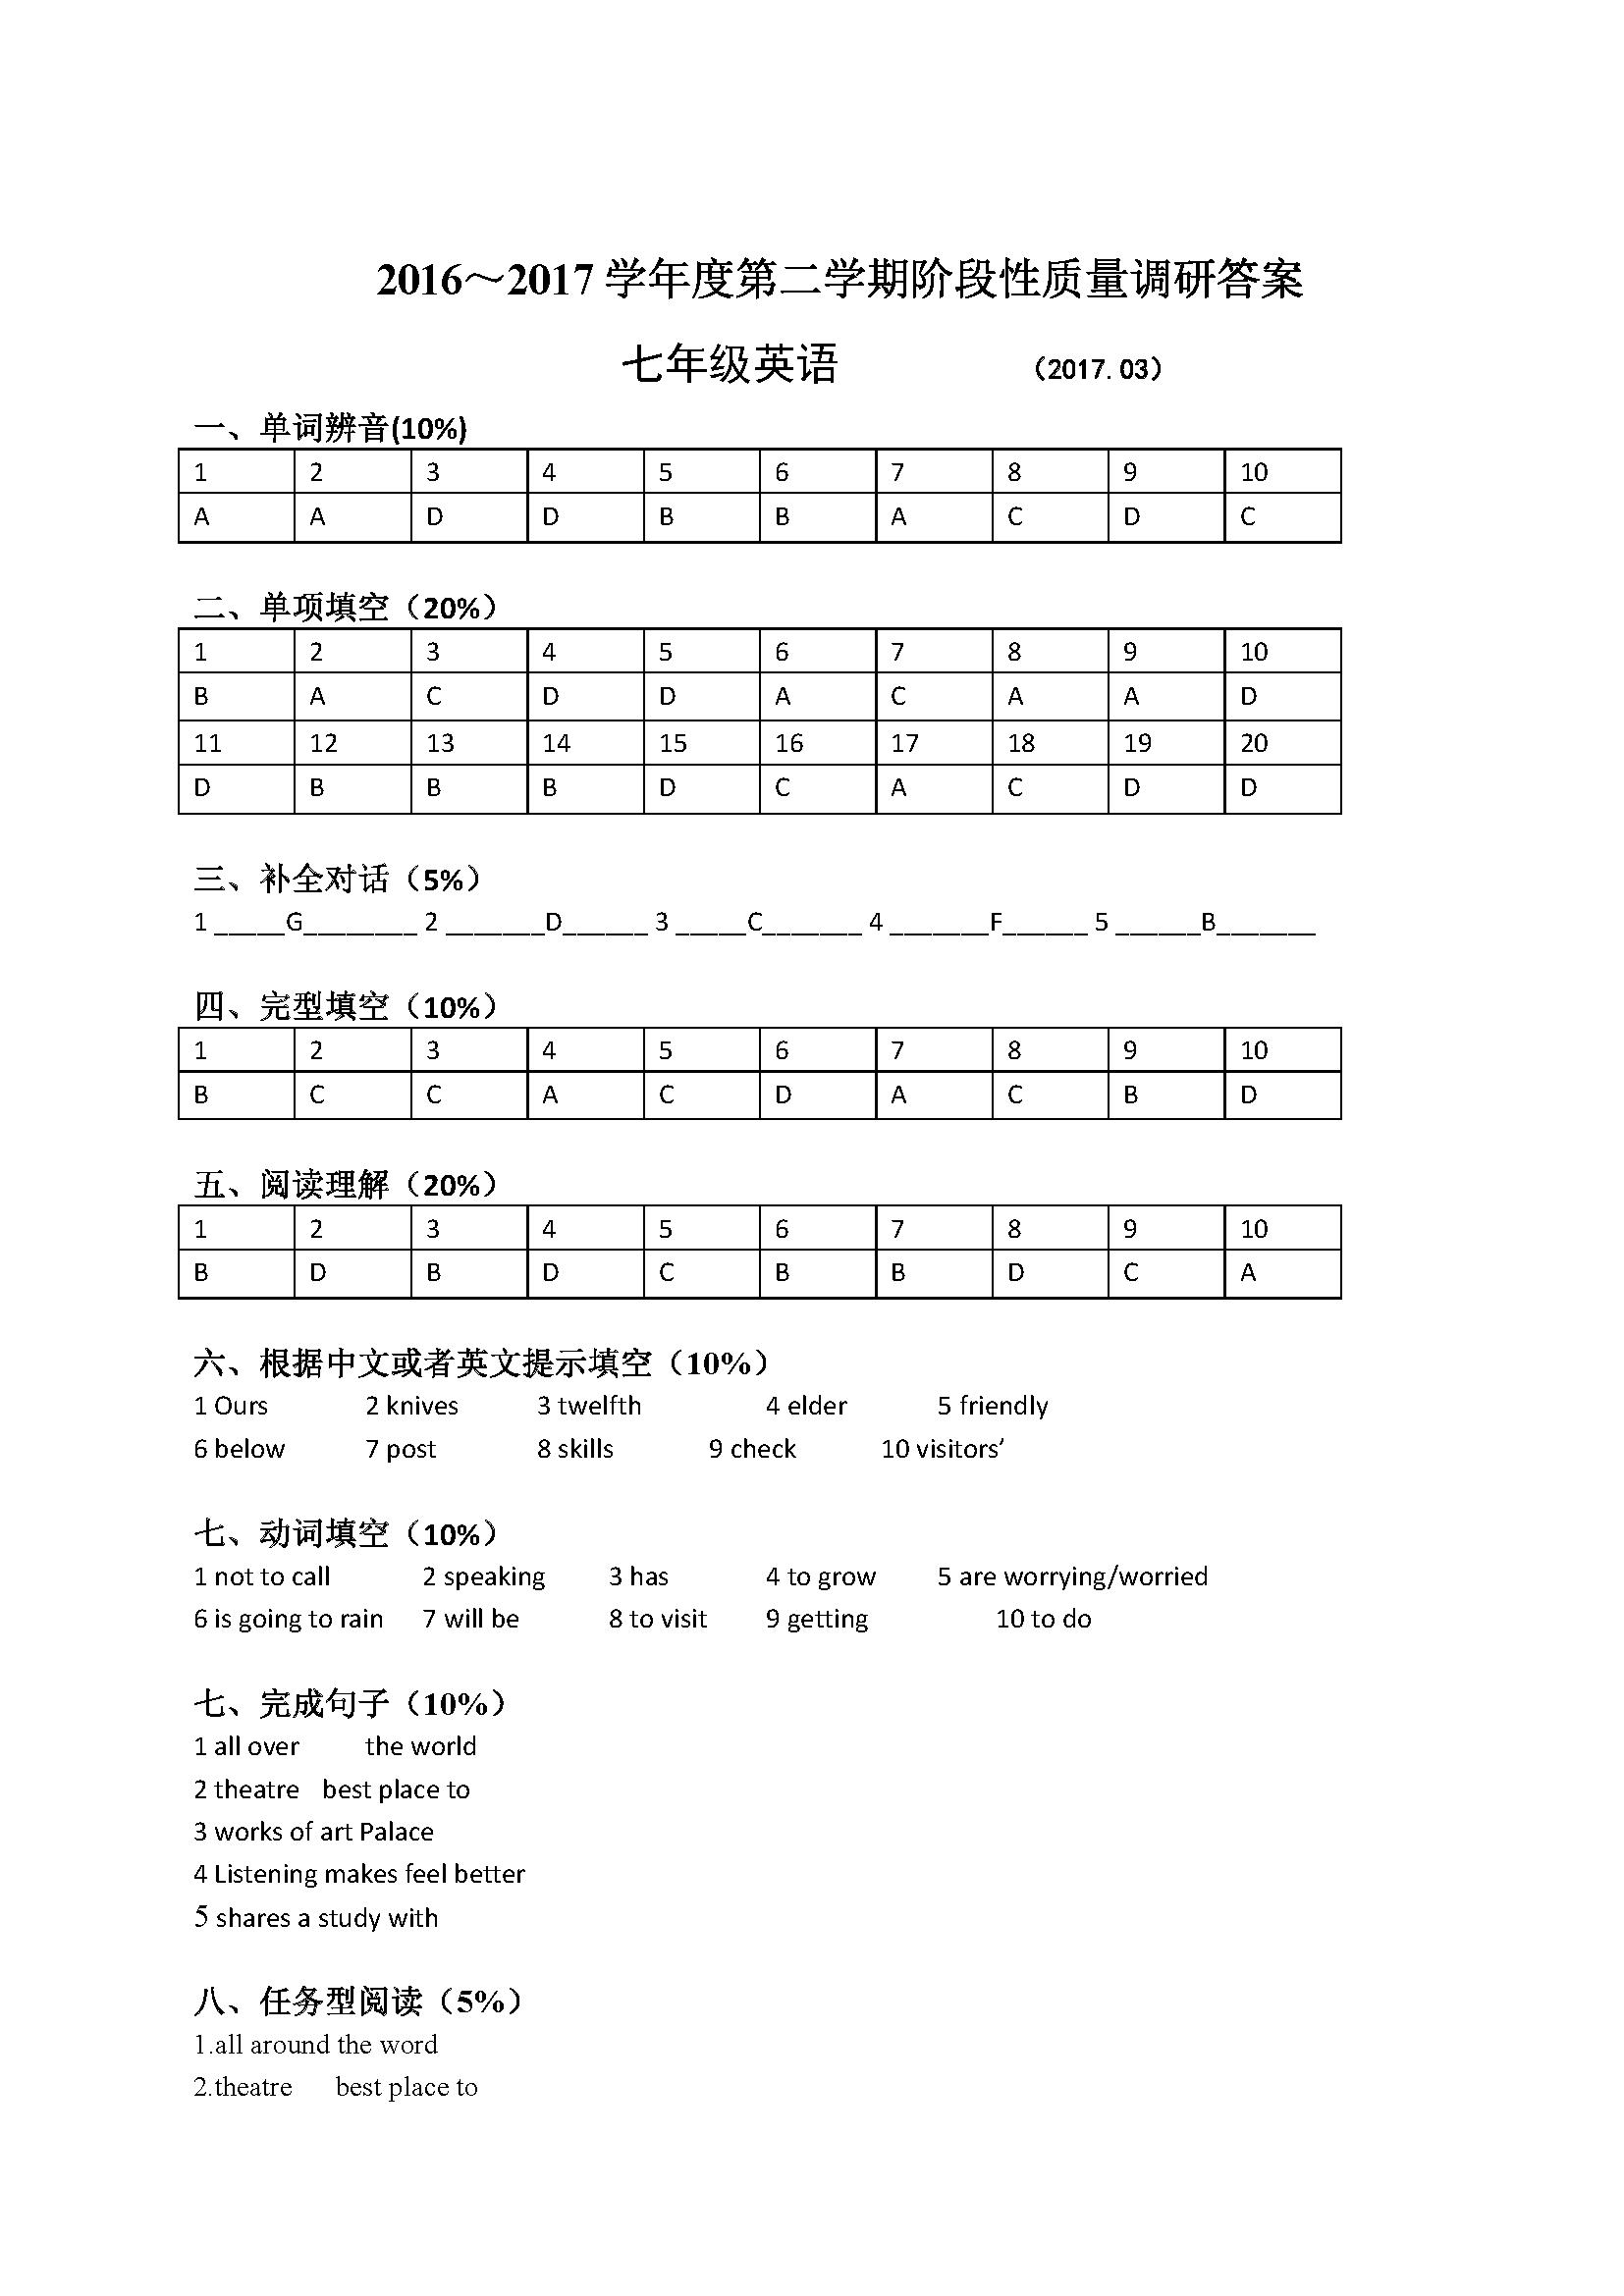 2017江苏无锡南长实验中学七年级3月月考英语试题答案(Word版)